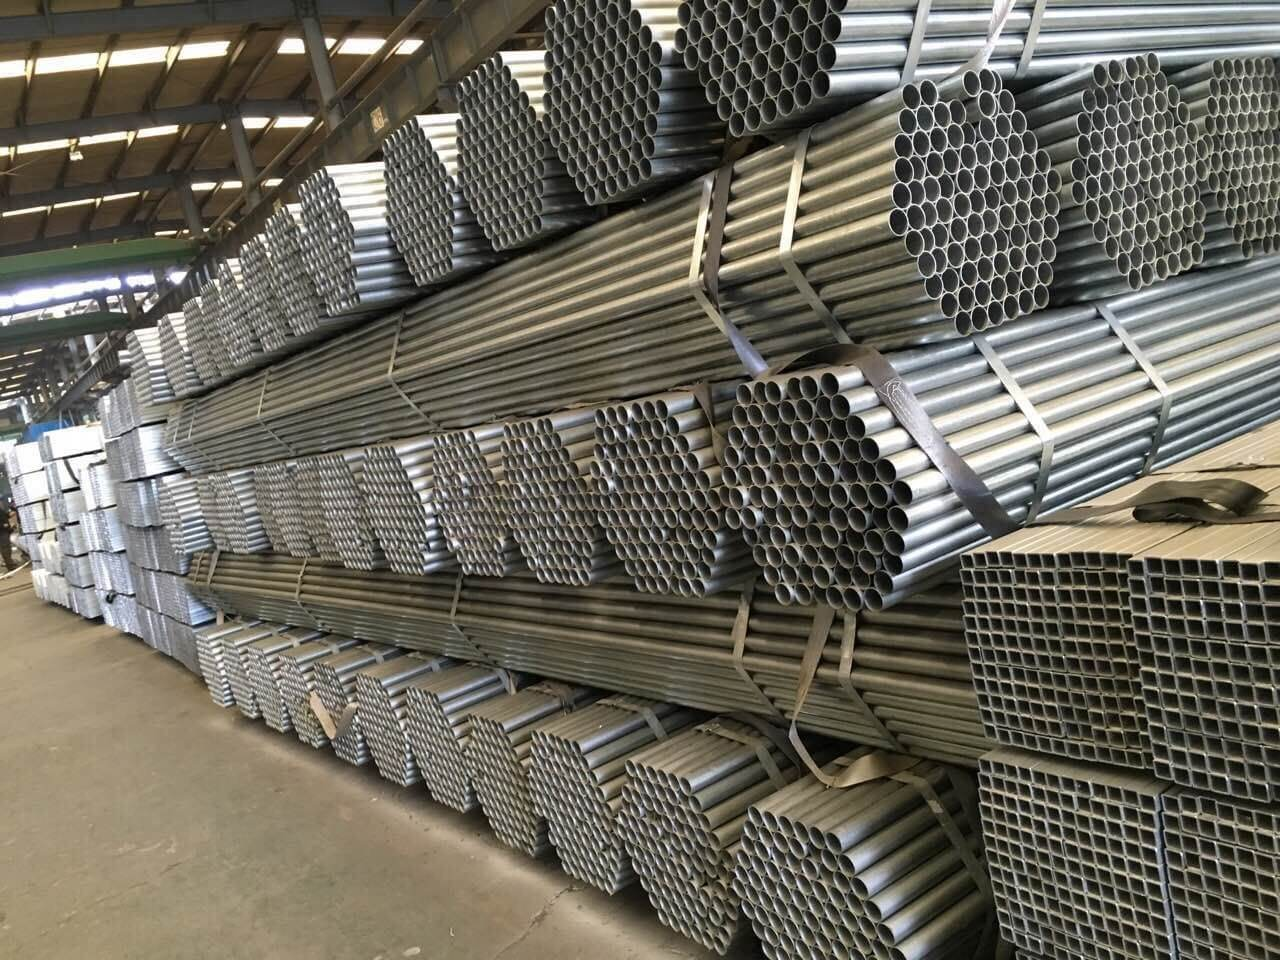 DTÖ ABD-Türkiye Çelik Borular Panel Raporunu Açıkladı